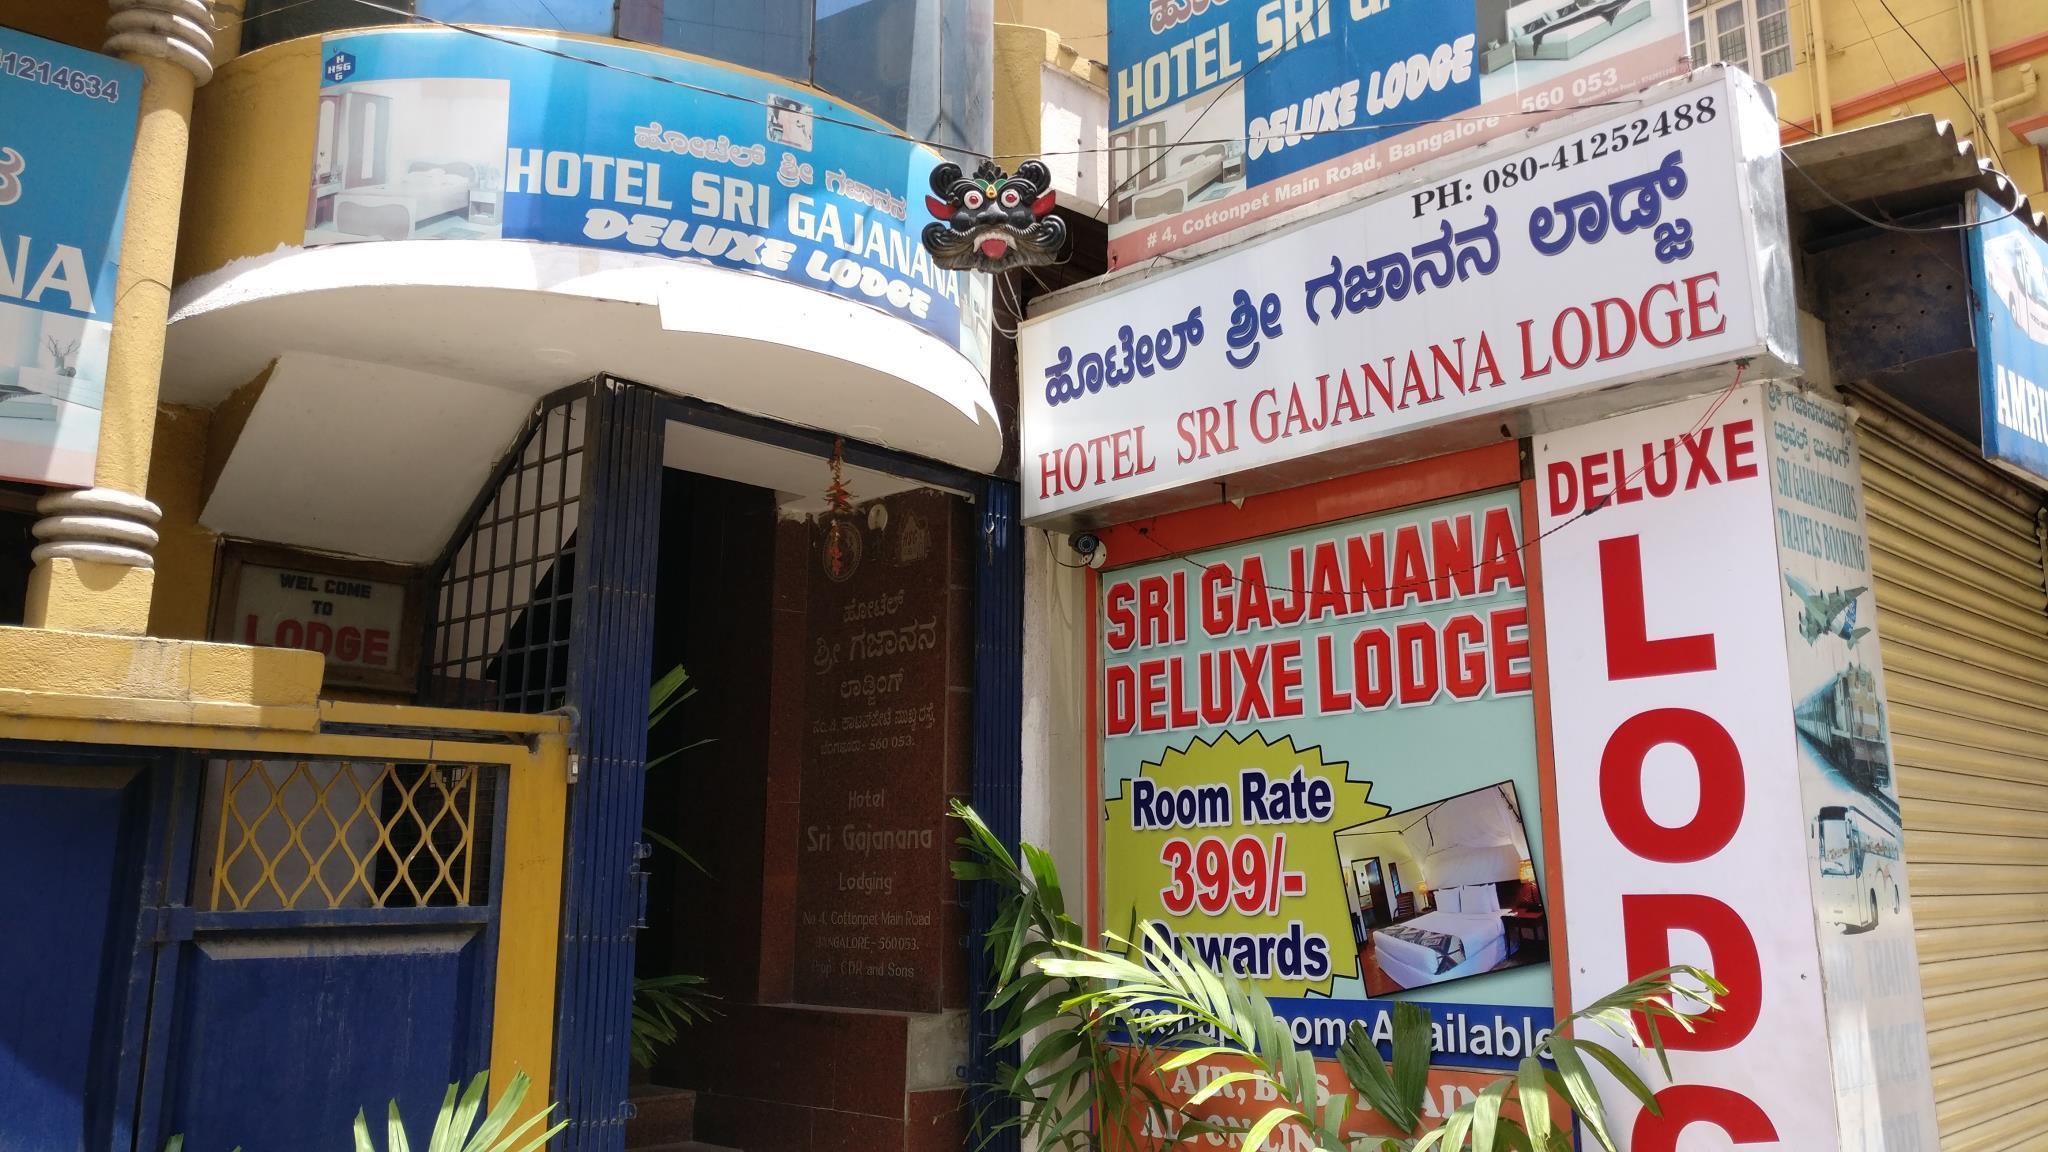 Hotel Sri Gajanana